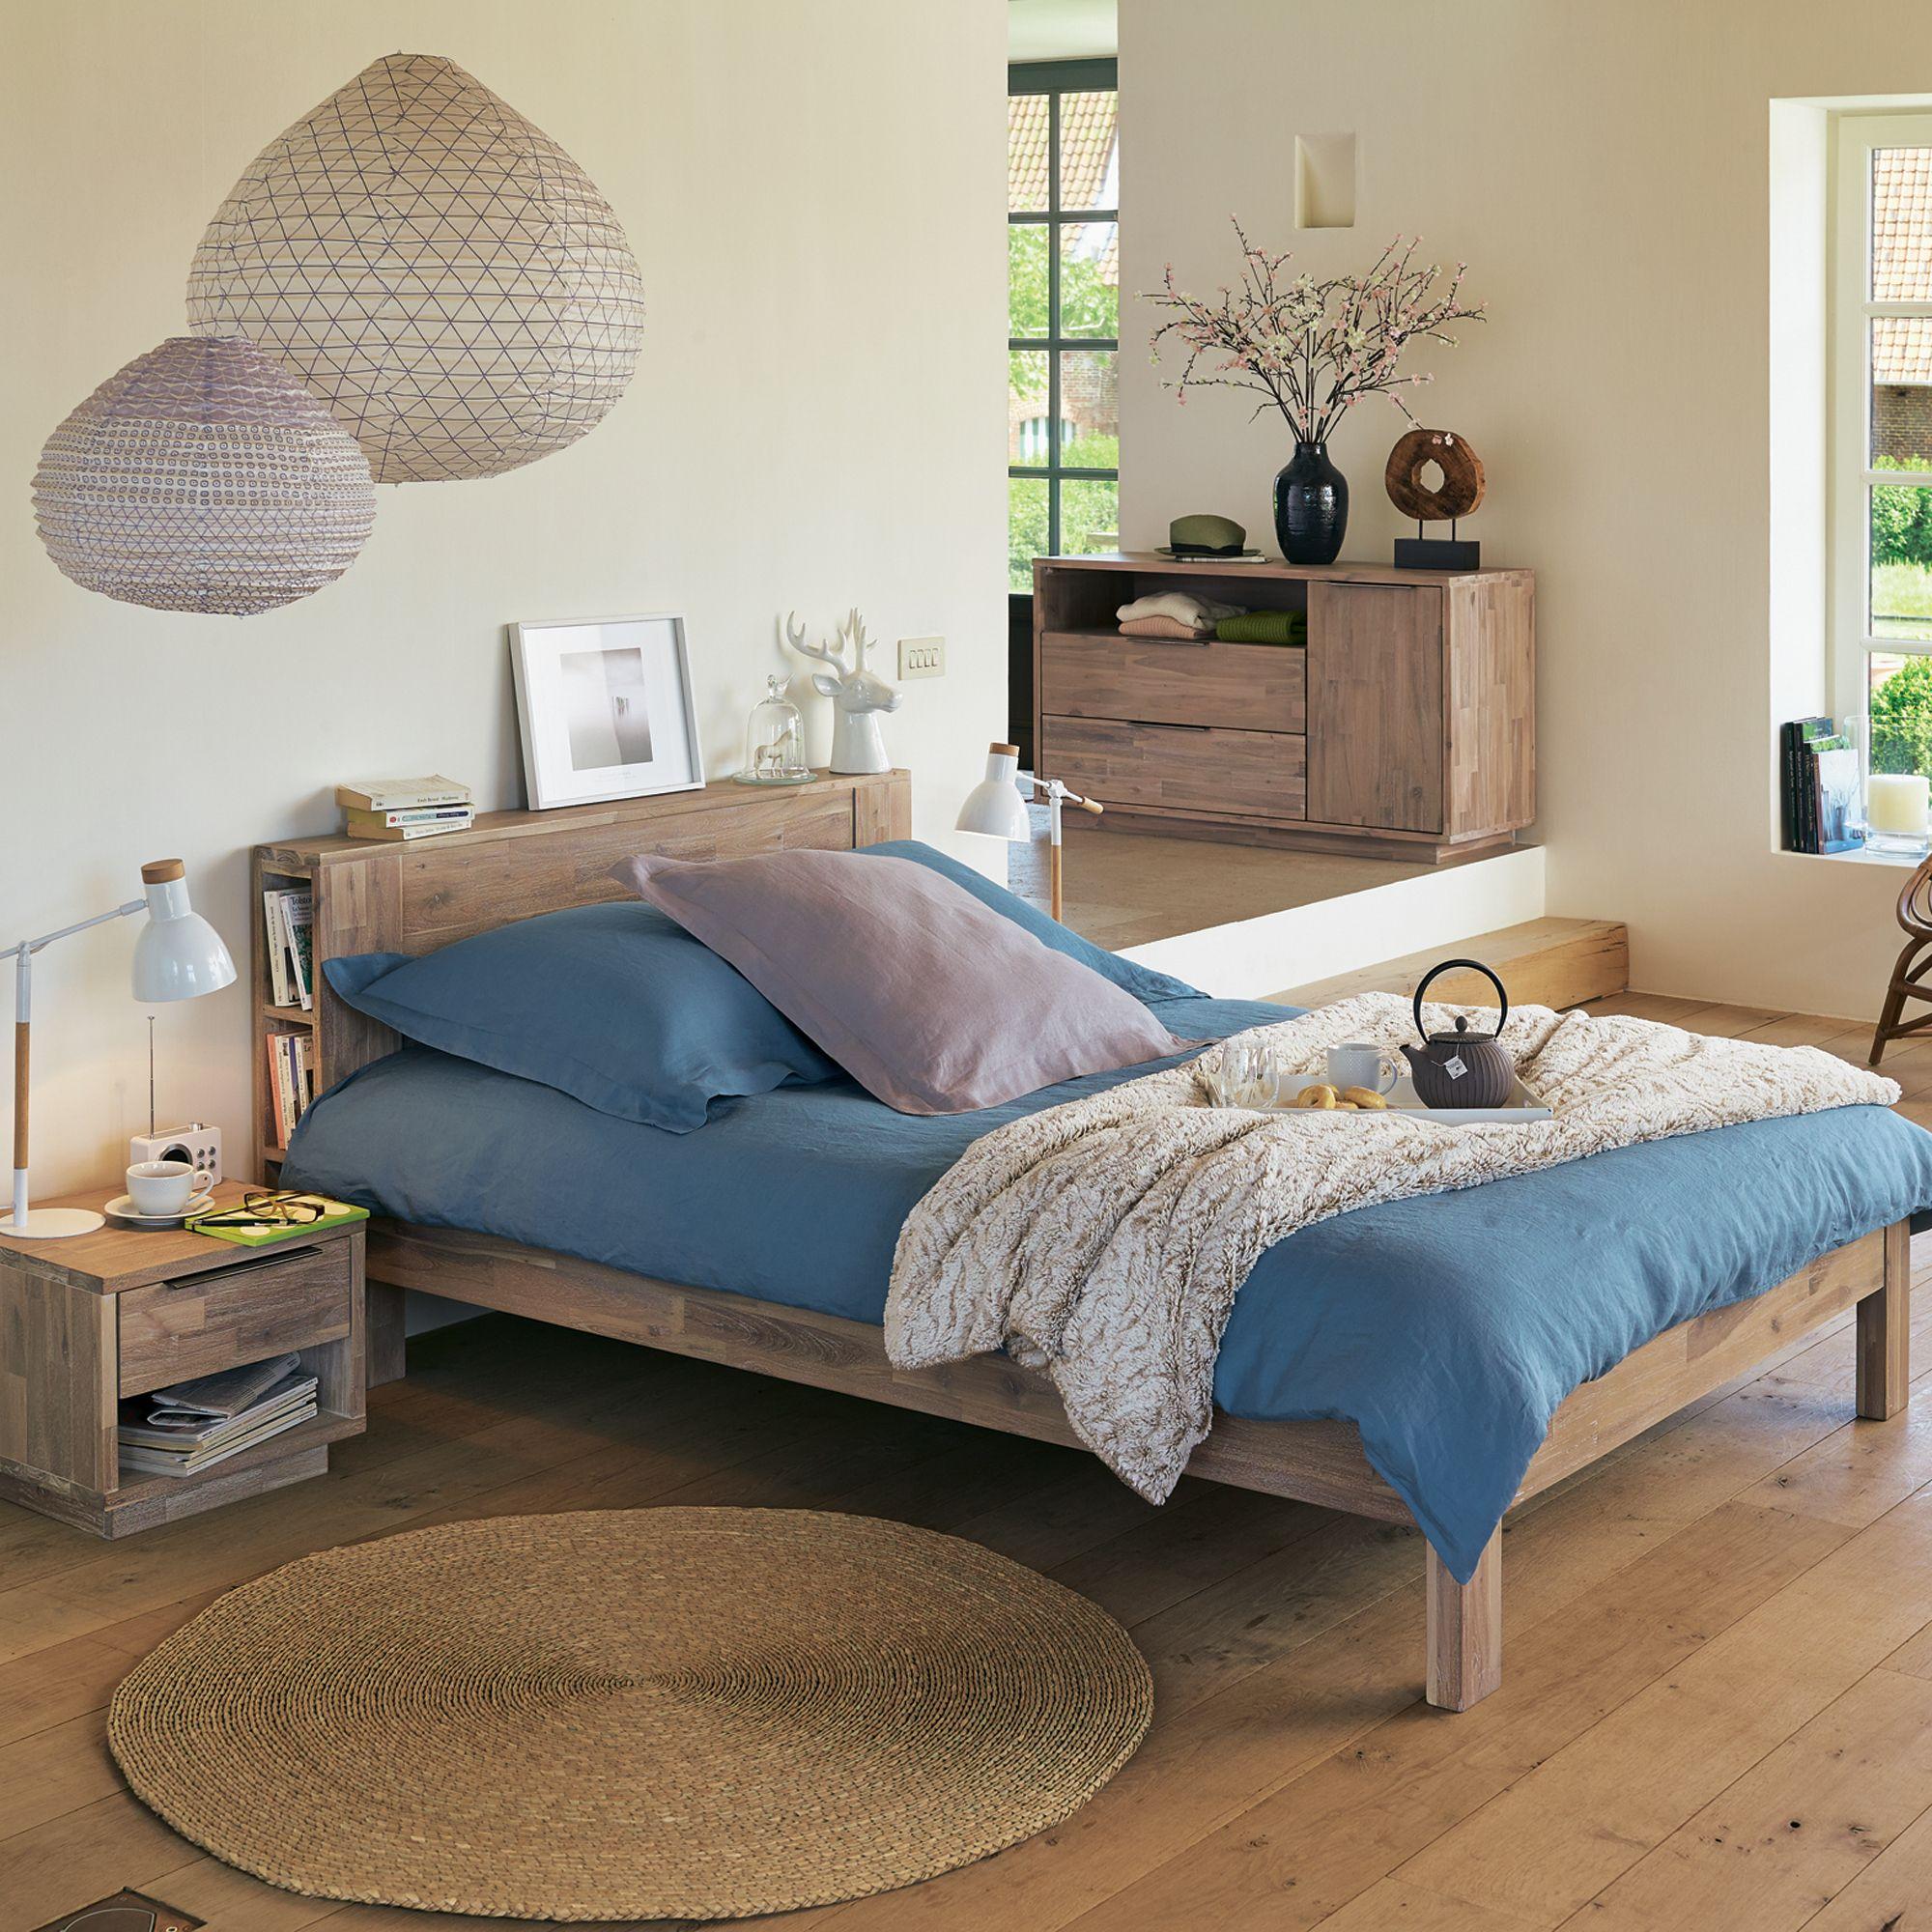 Montreal | Lit 2 places avec tête de lit en acacia - Alinéa